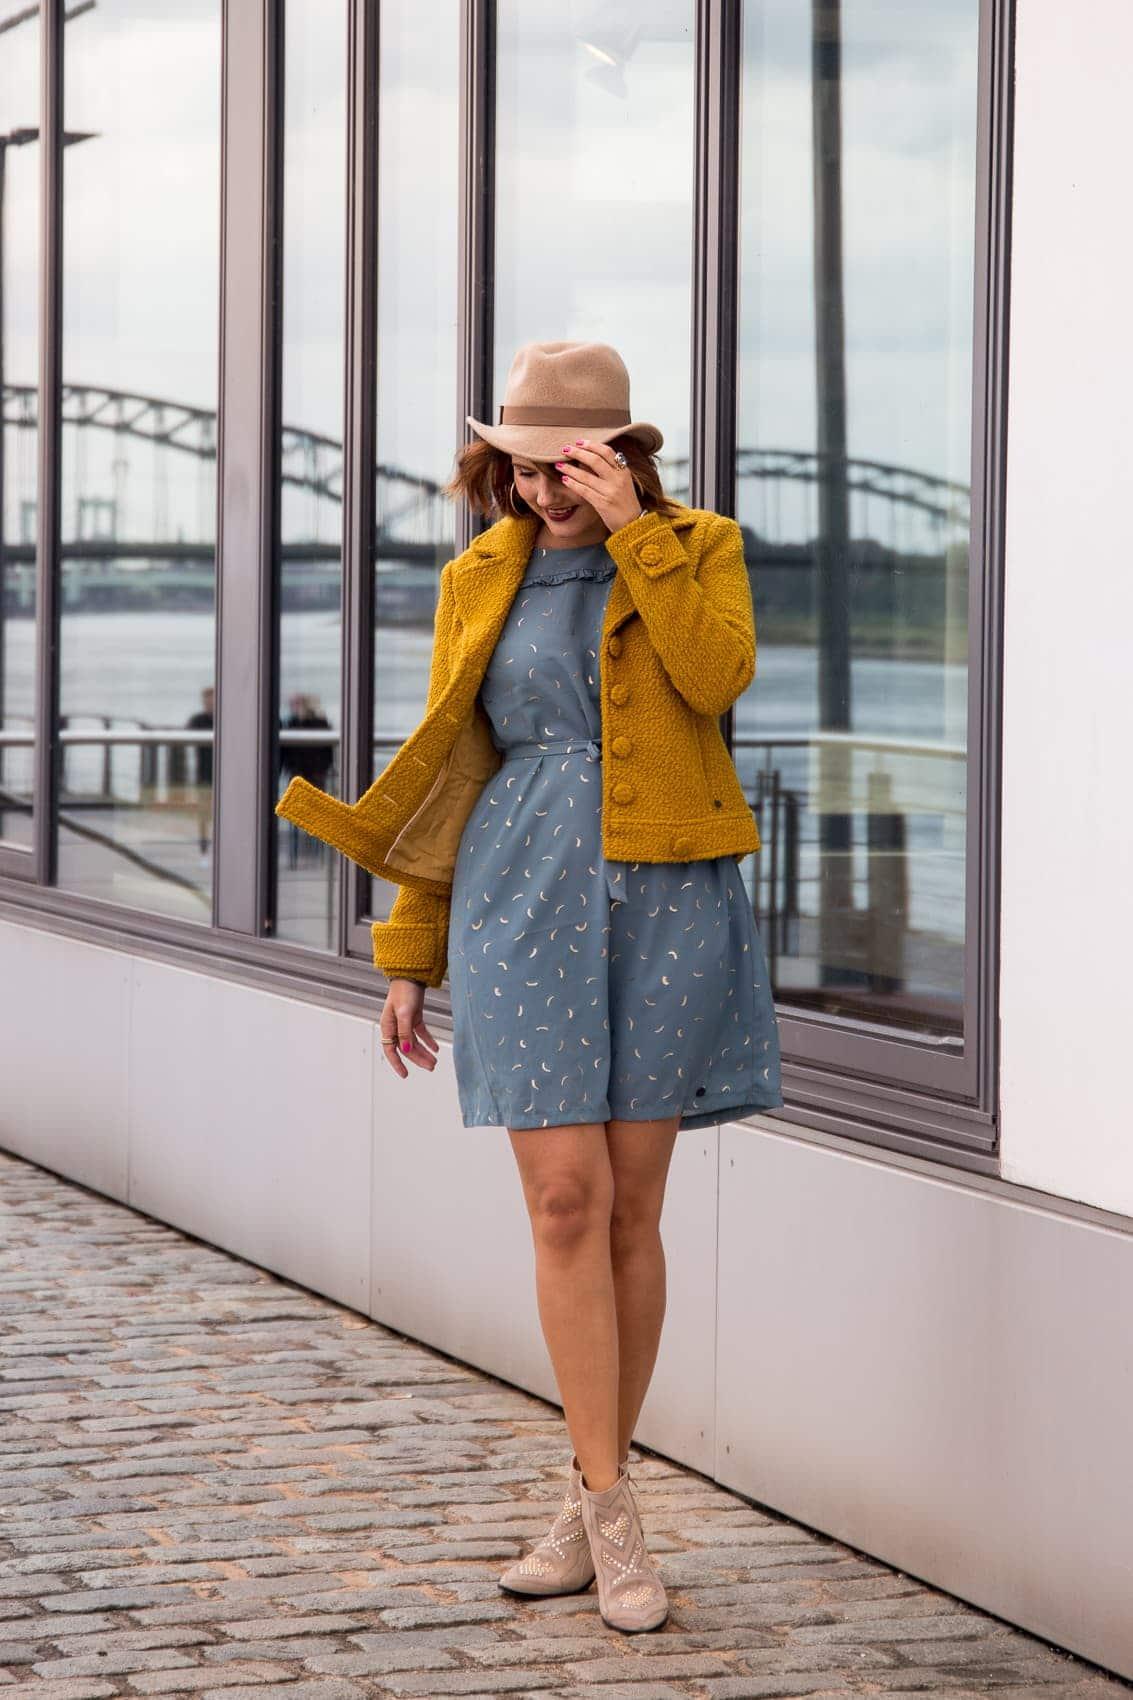 Herbst Trendfarbe Gelb - So kannst du knallige Töne kombinieren!